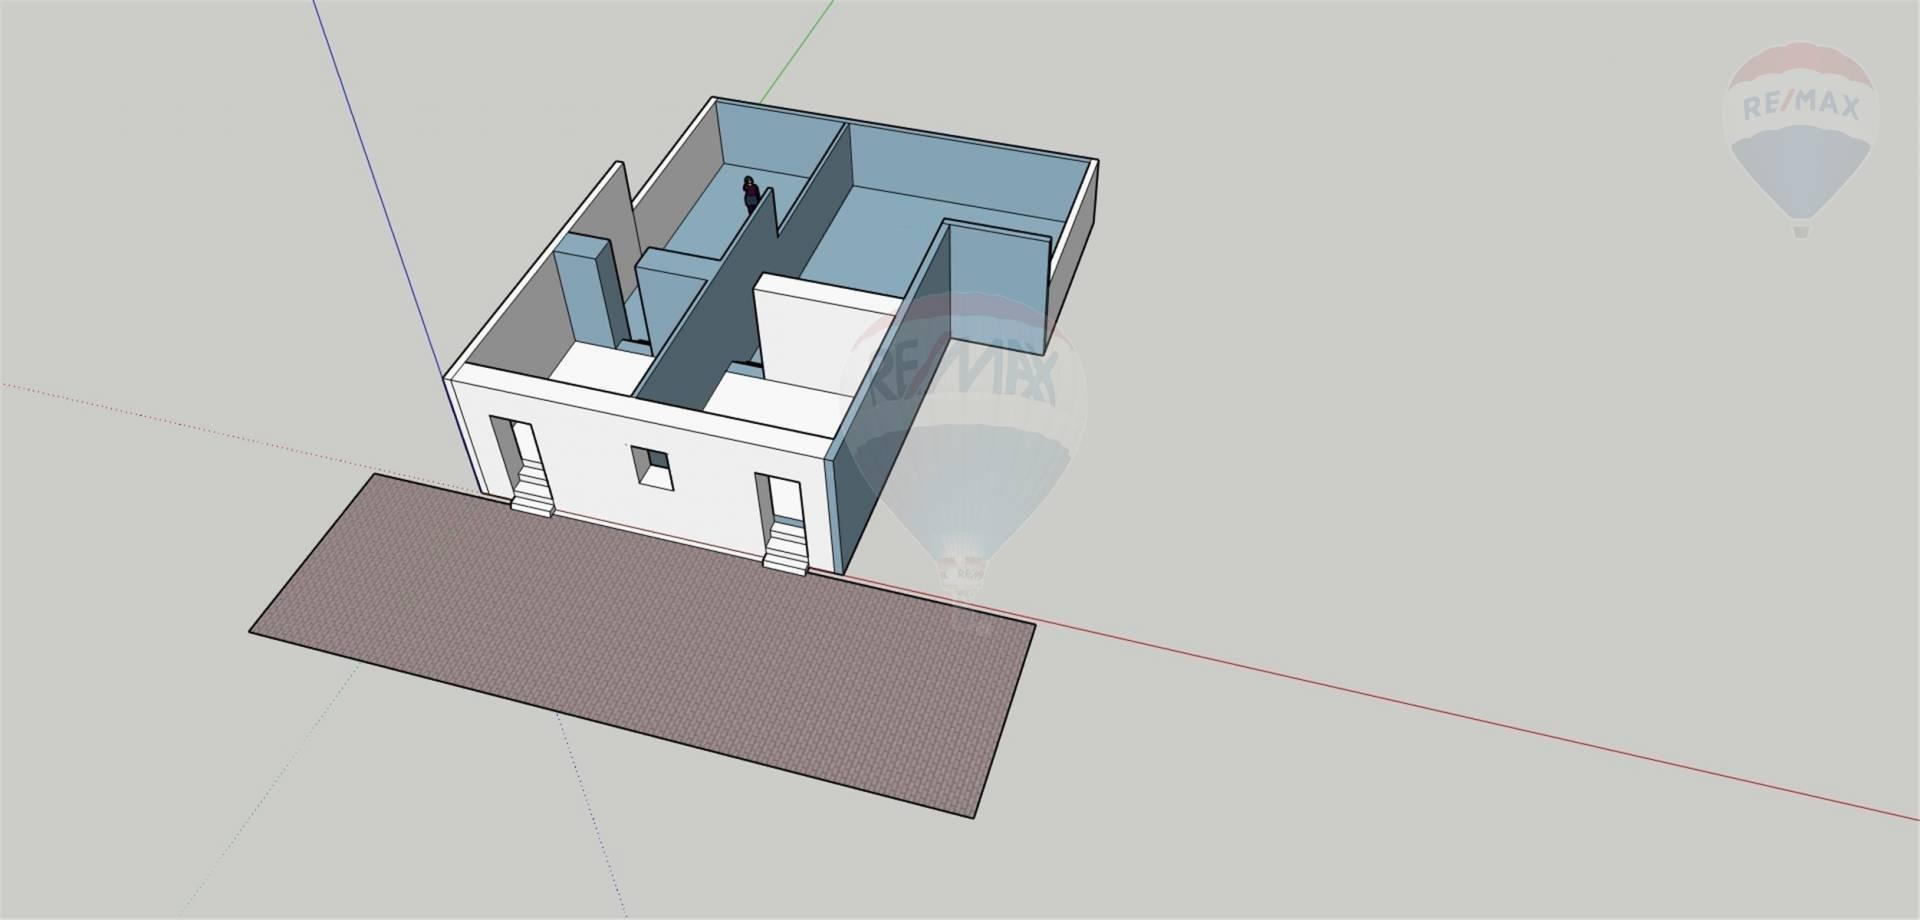 Prenájom obchodných priestorov 50 - 110 m2, Ružomberok centrum.